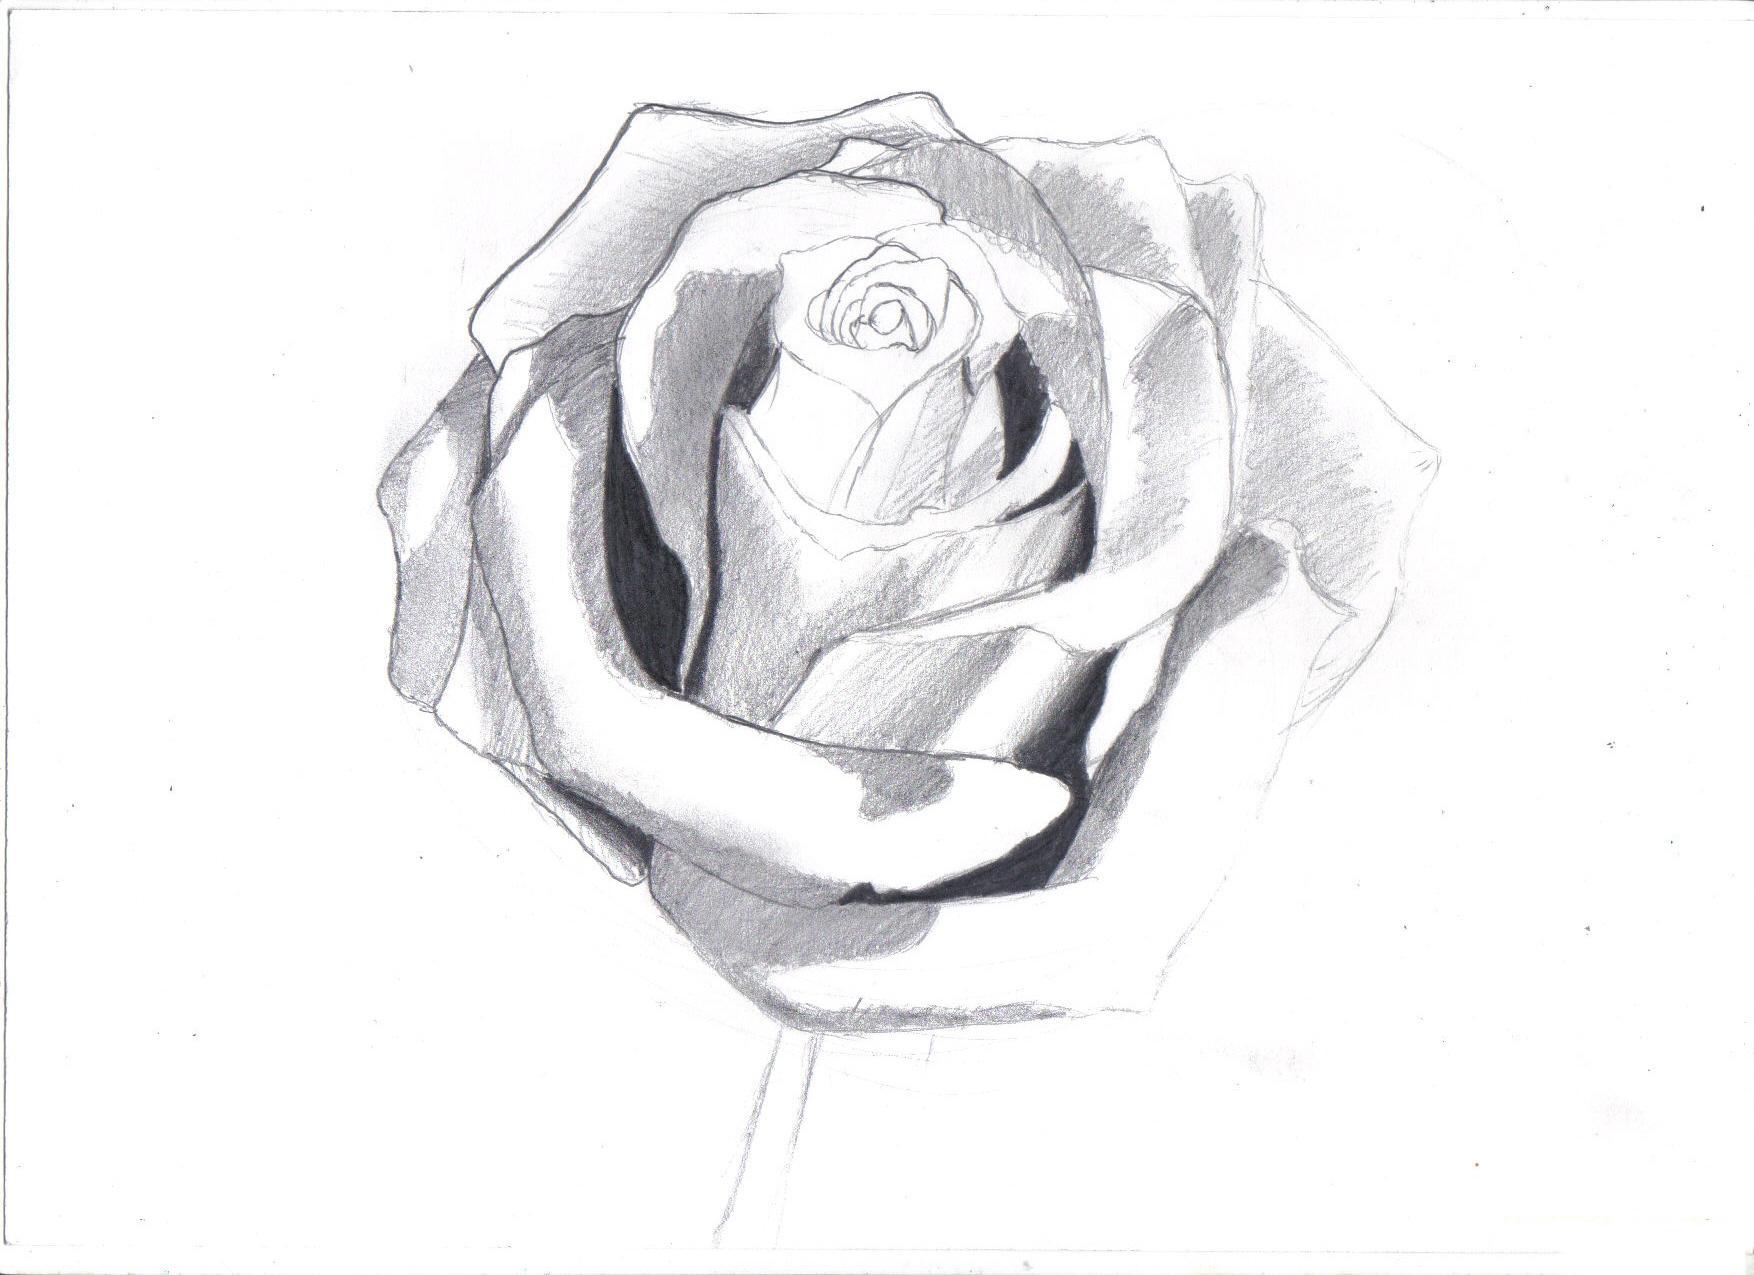 Ảnh vẽ hoa hồng bằng bút chì đẹp